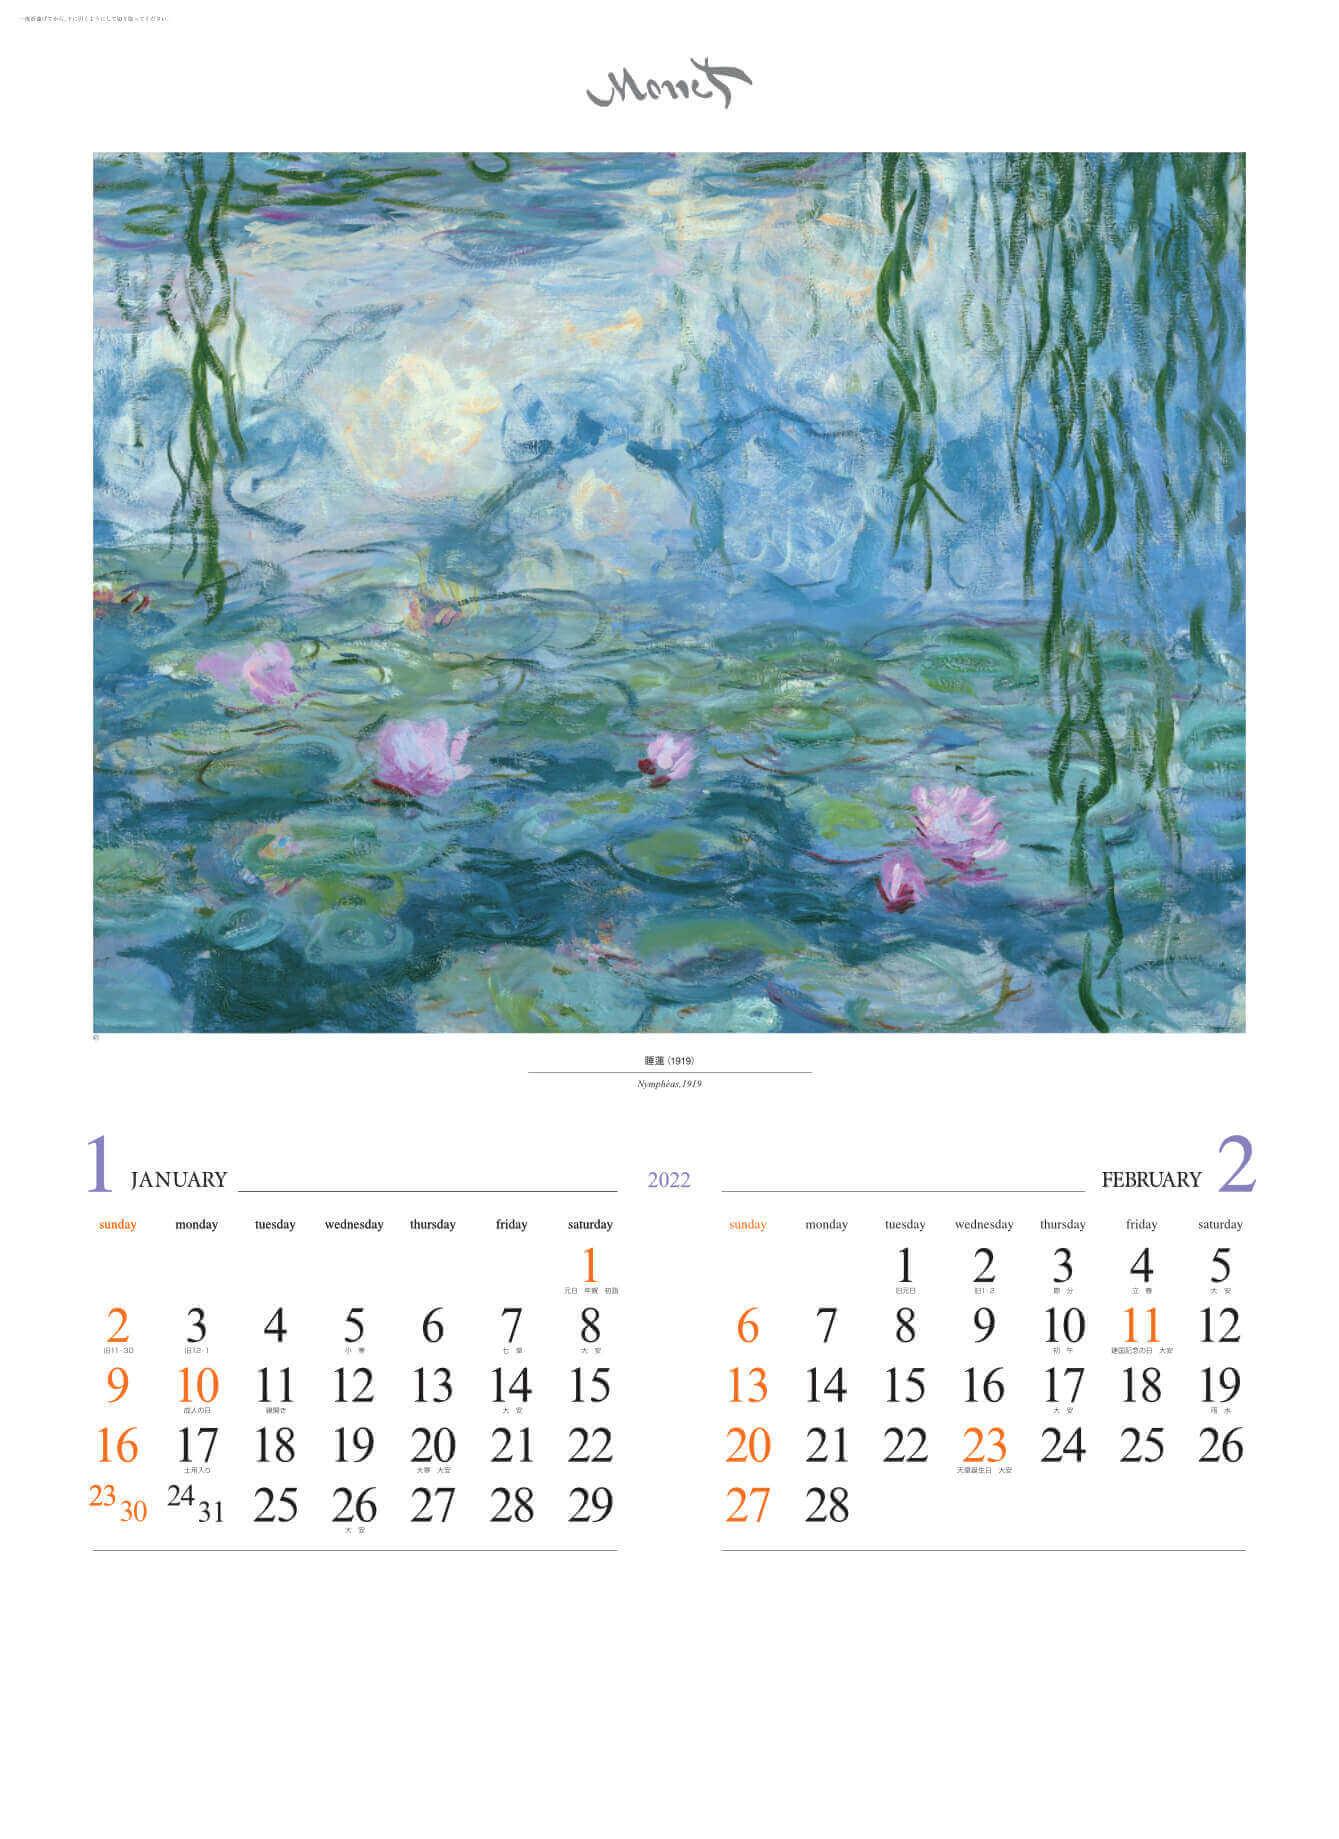 1-2月 睡蓮 モネ 2022年カレンダーの画像